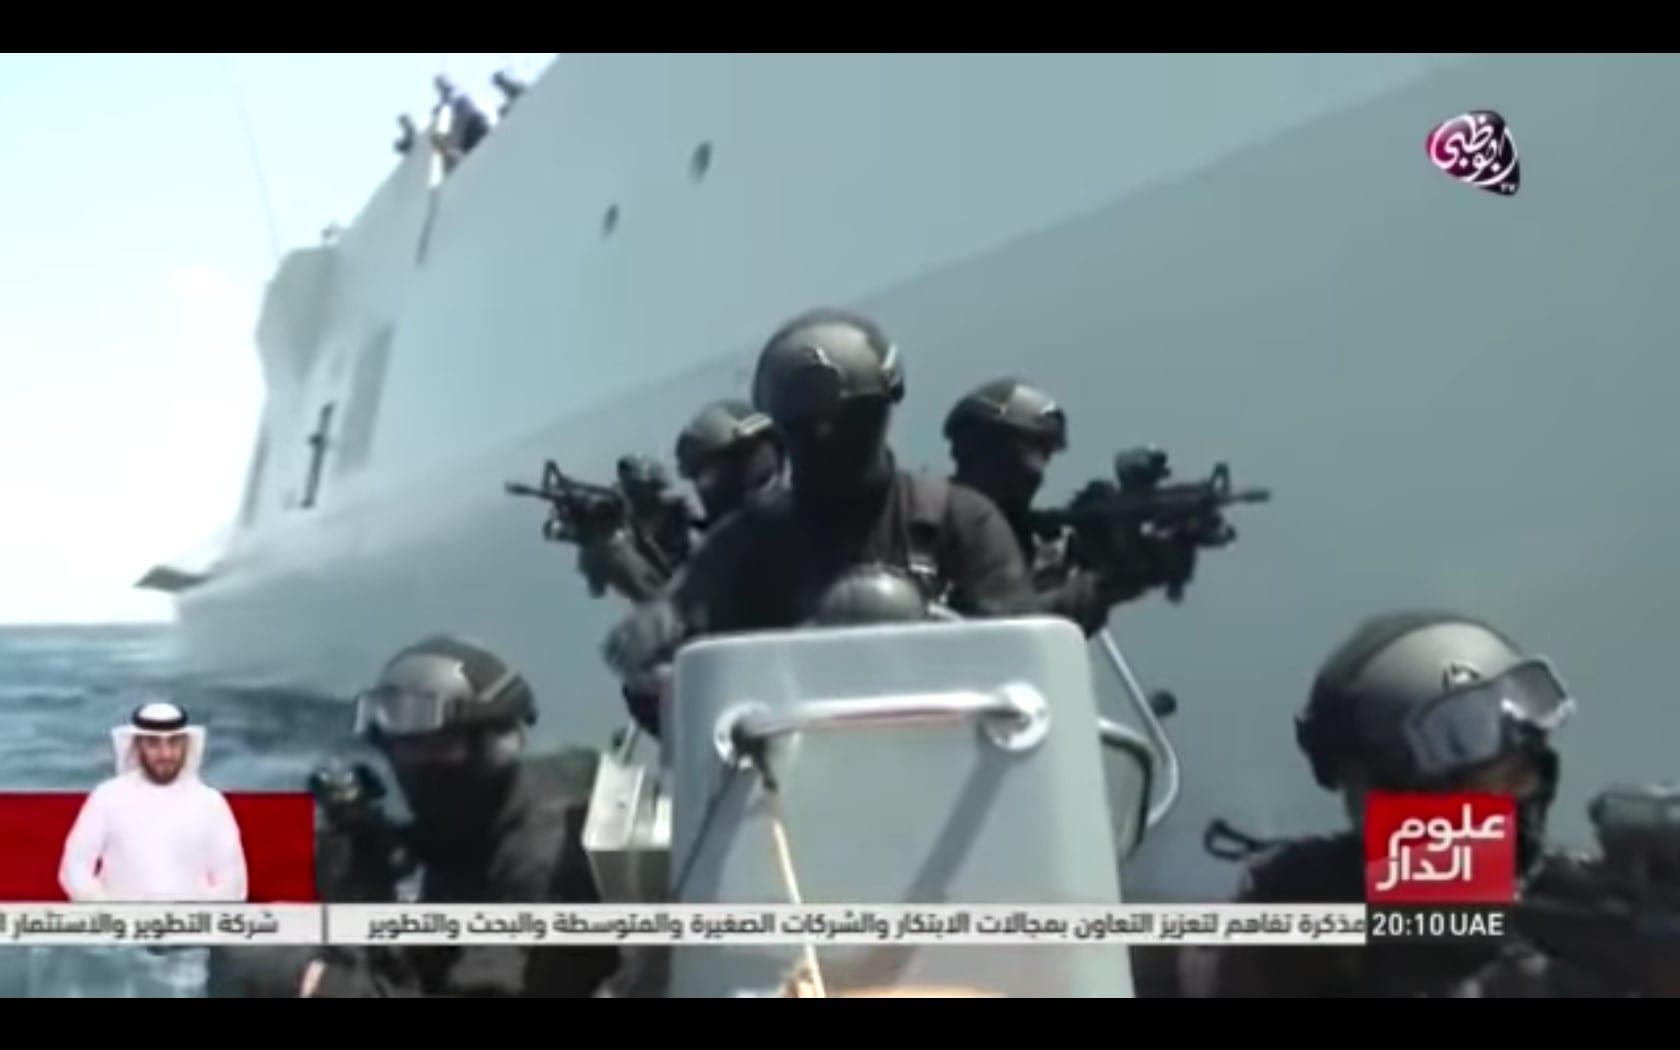 En reportage fra emiratisk tv viser, hvordan et emiratisk krigsskib med radarsystemer fra danske Terma stopper et  fragtskib som led i blokaden af Yemen. Optagelser fra Aloom al-Daar / Youtube 2015